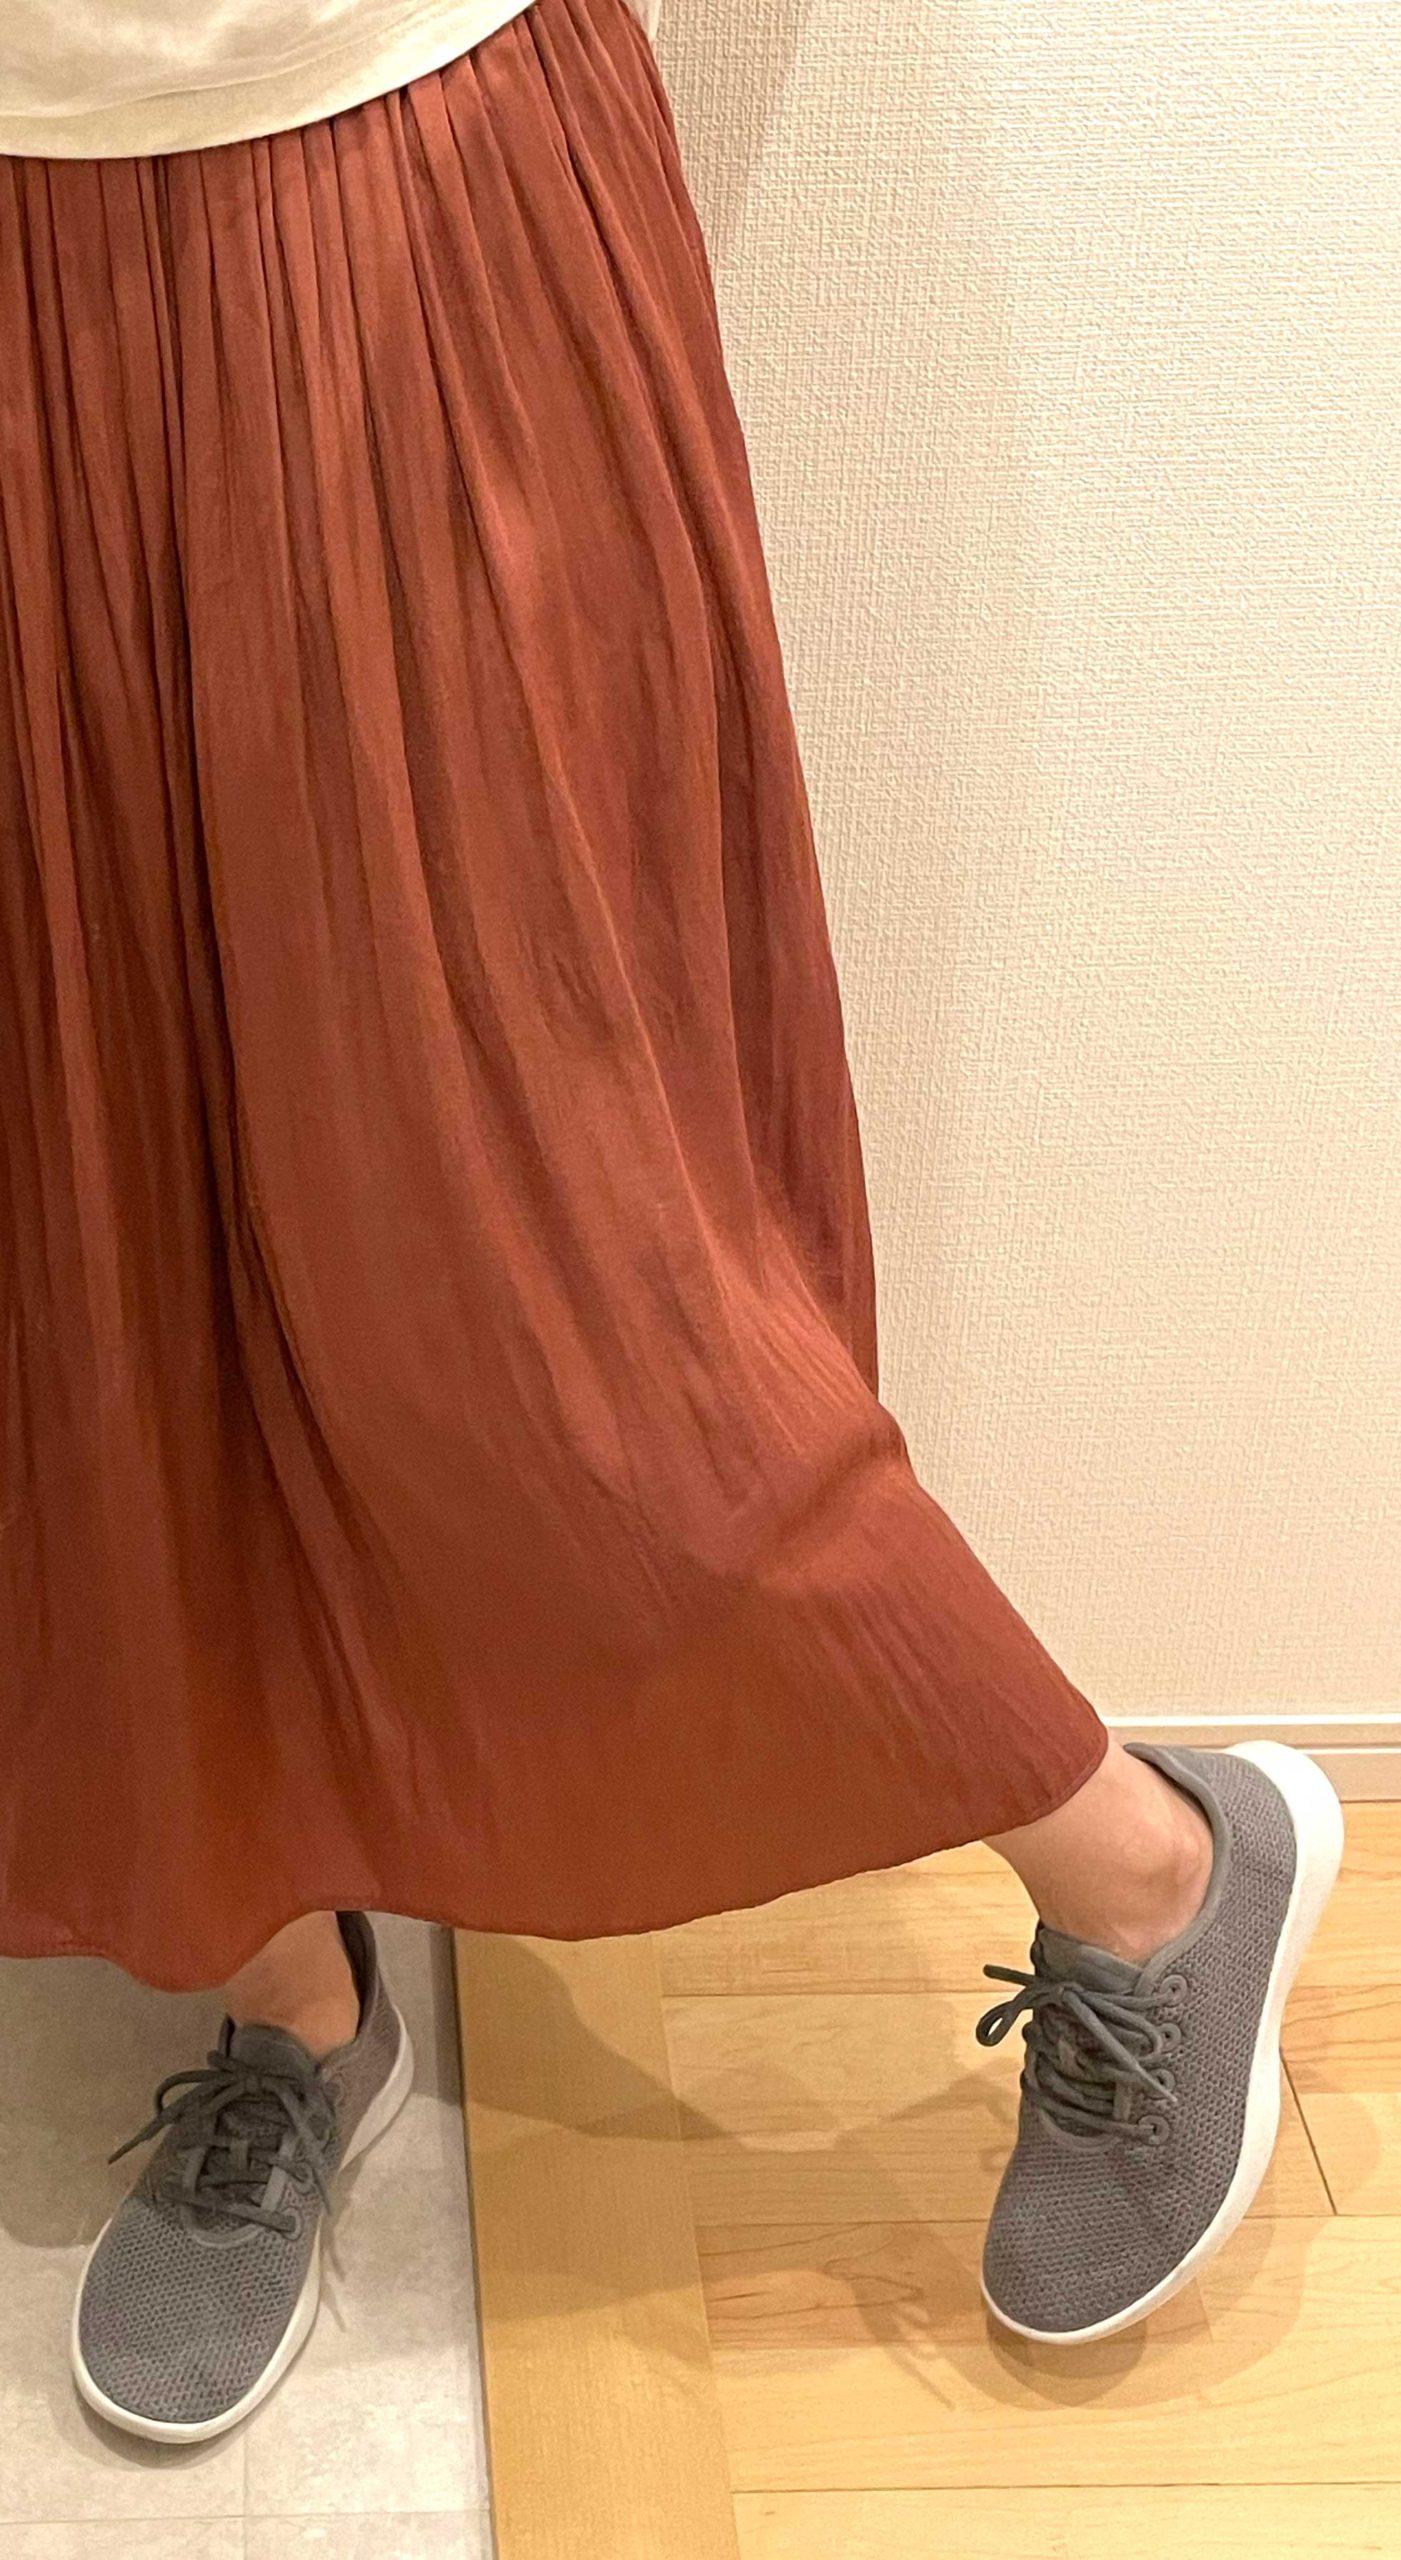 スカートにも合うAllbirdsのスニーカー